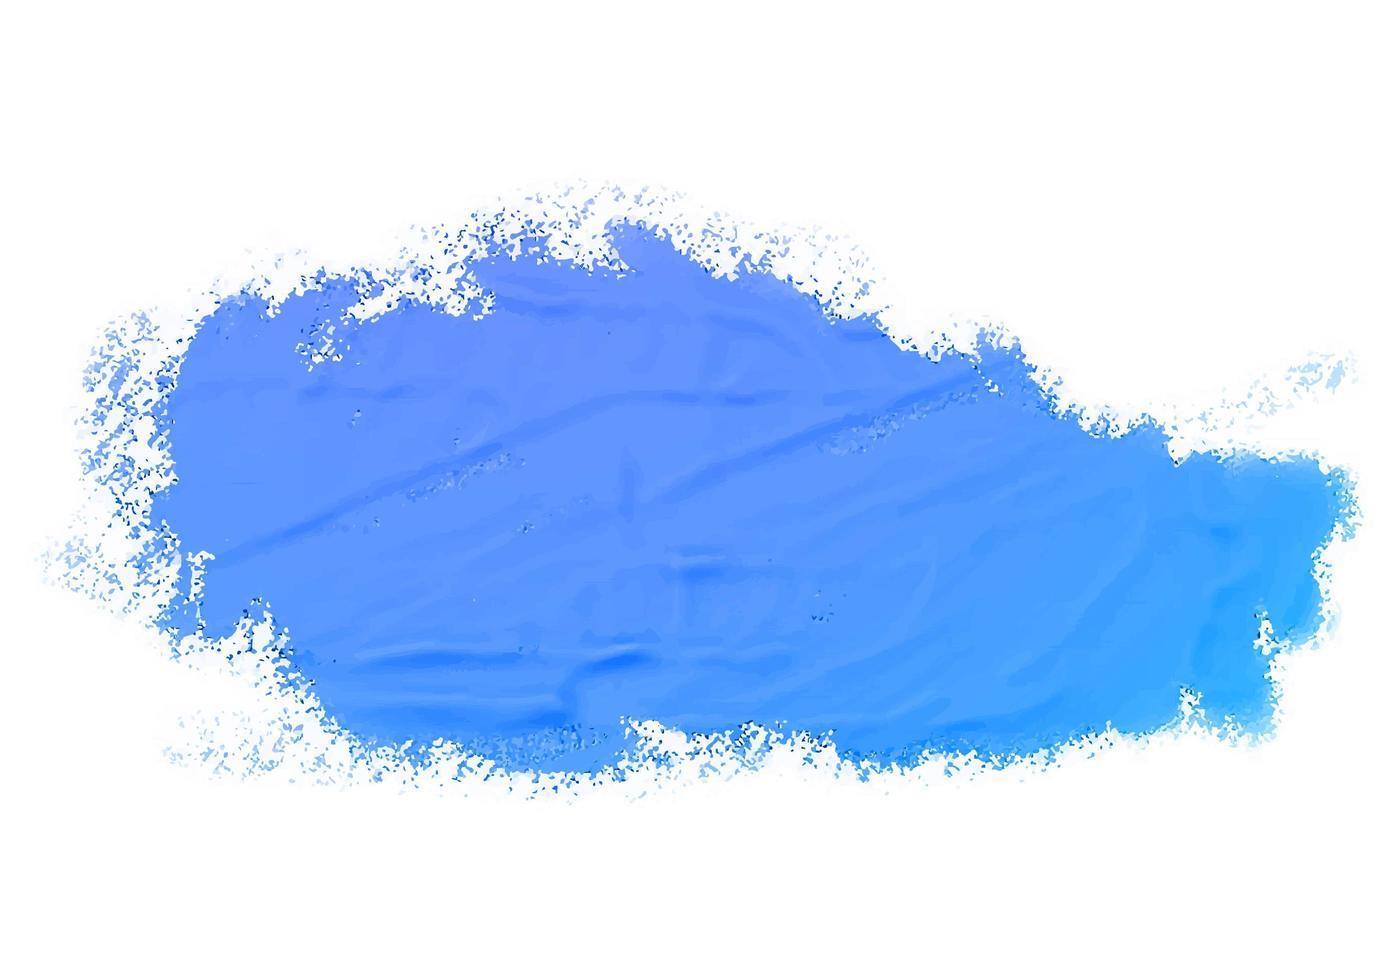 abstracte aquarel blauwe verf textuur achtergrond vector